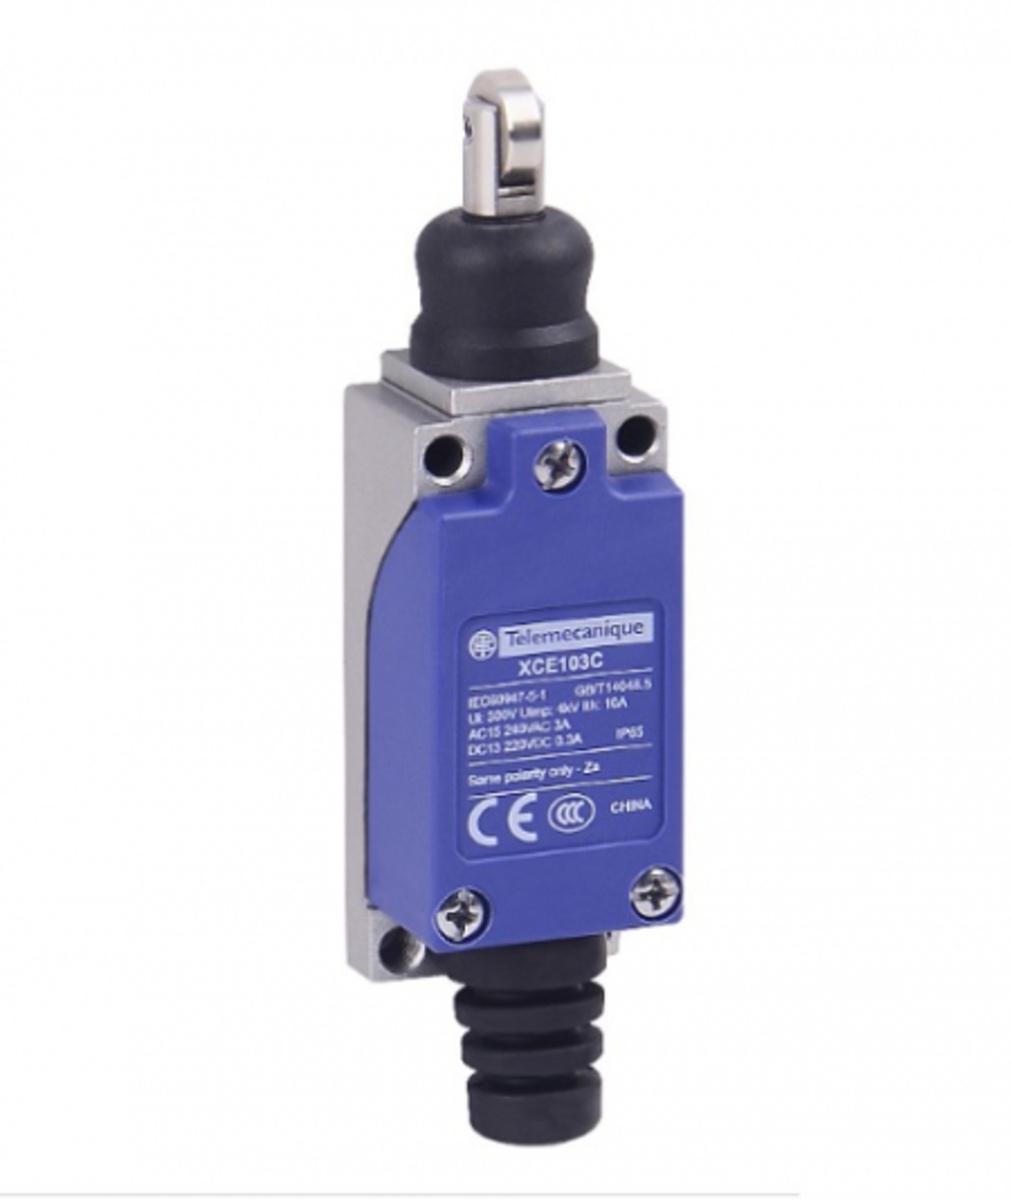 Eletriza - Eletriza Materiais Elétricos, Hidráulicos e Automação Industrial - FIM DE CURSO BASICO MET PISTAO C ROLDANA XCE103 TELEMECANIQUE